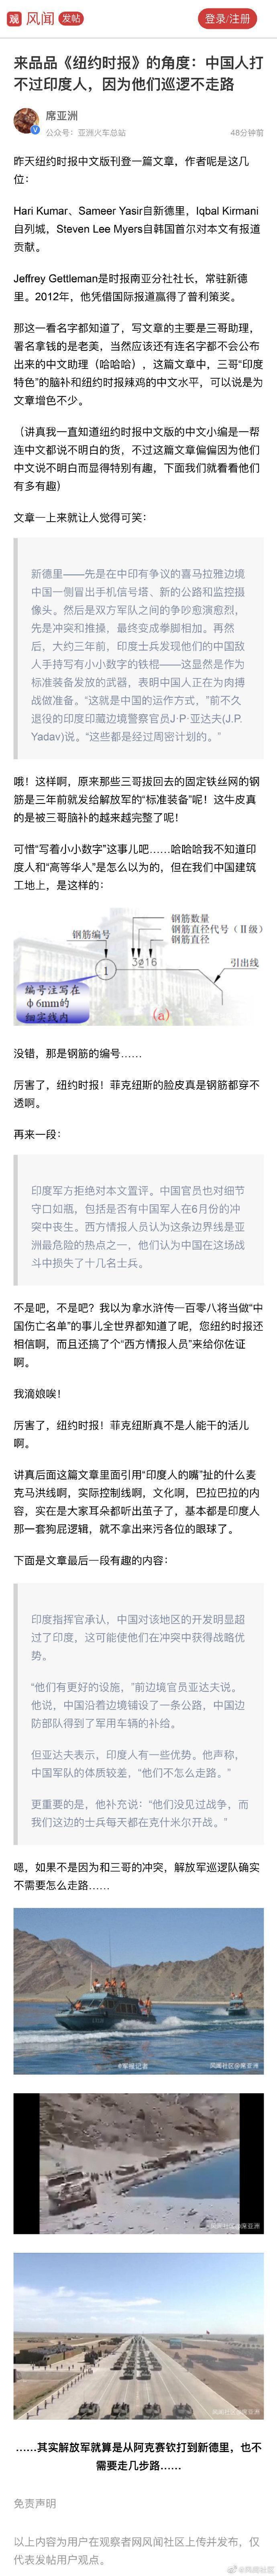 怎么敢的呀 《纽约时报》中文版刊发文章,说印度人有一些优势